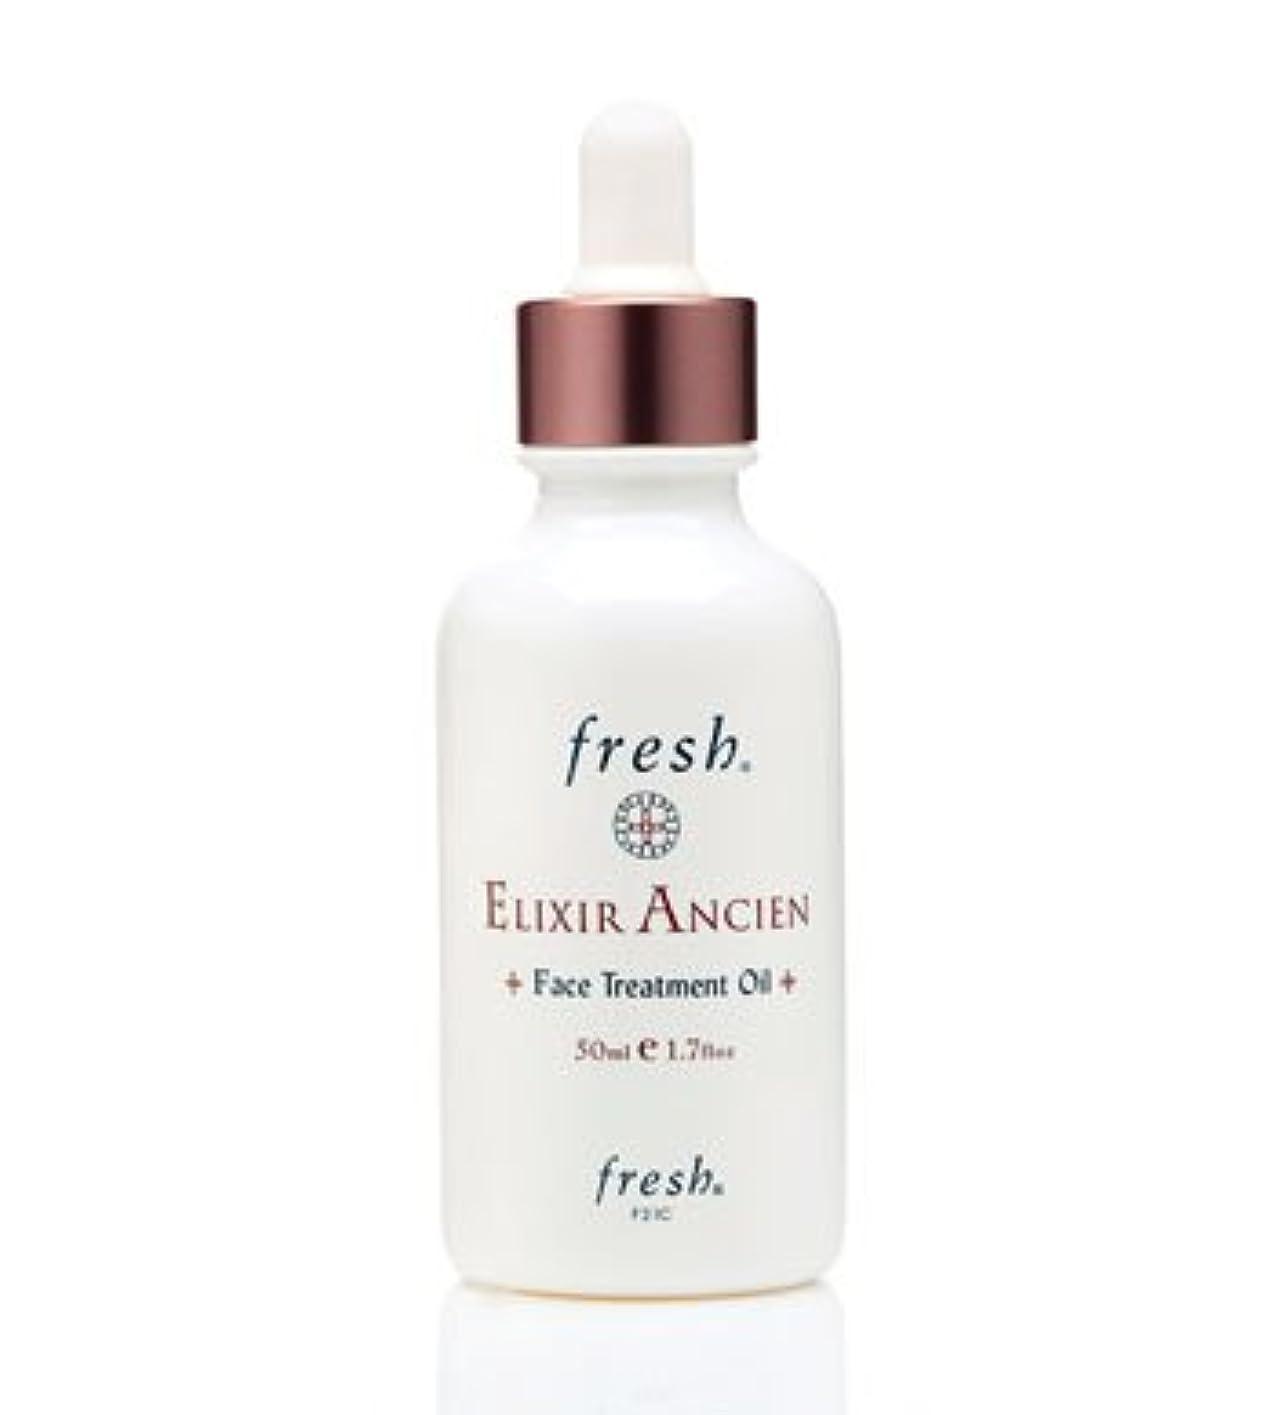 革新ドットリストFresh ELIXIR ANCIEN (フレッシュ エリキサーアンシエン) 1.7 oz (50ml) by Fresh for Women